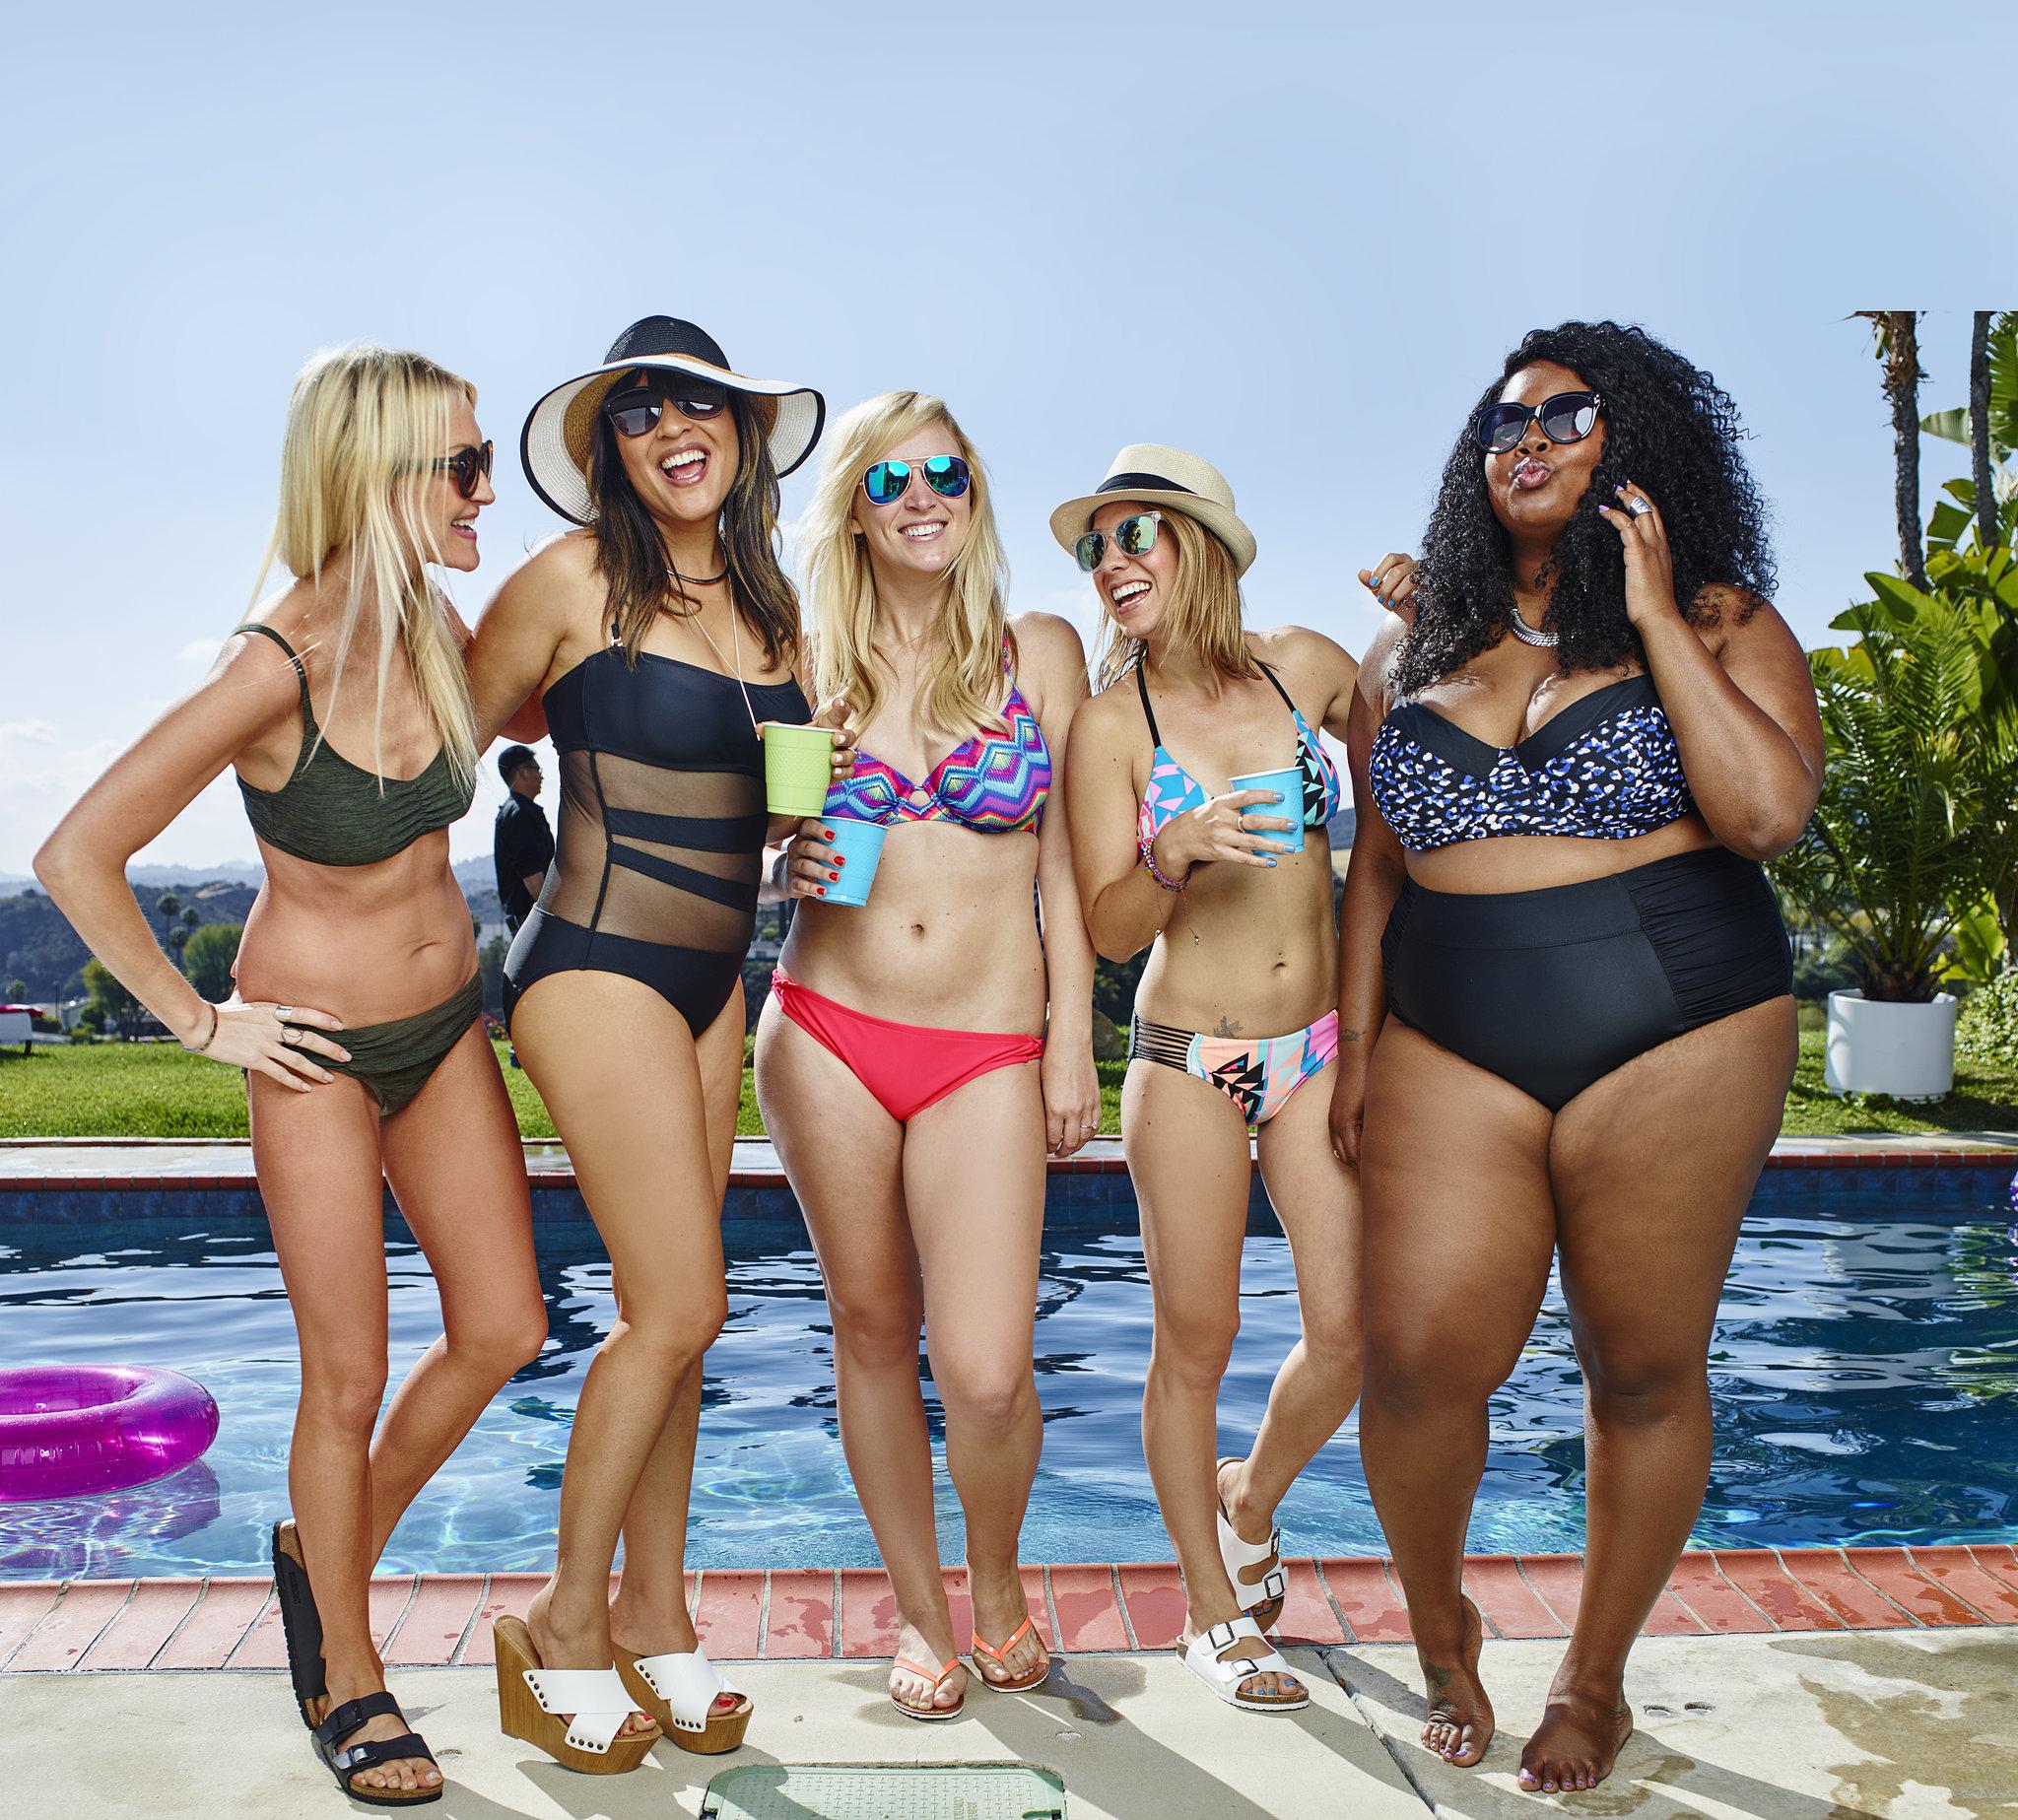 Связанные женщины в купальниках 21 фотография